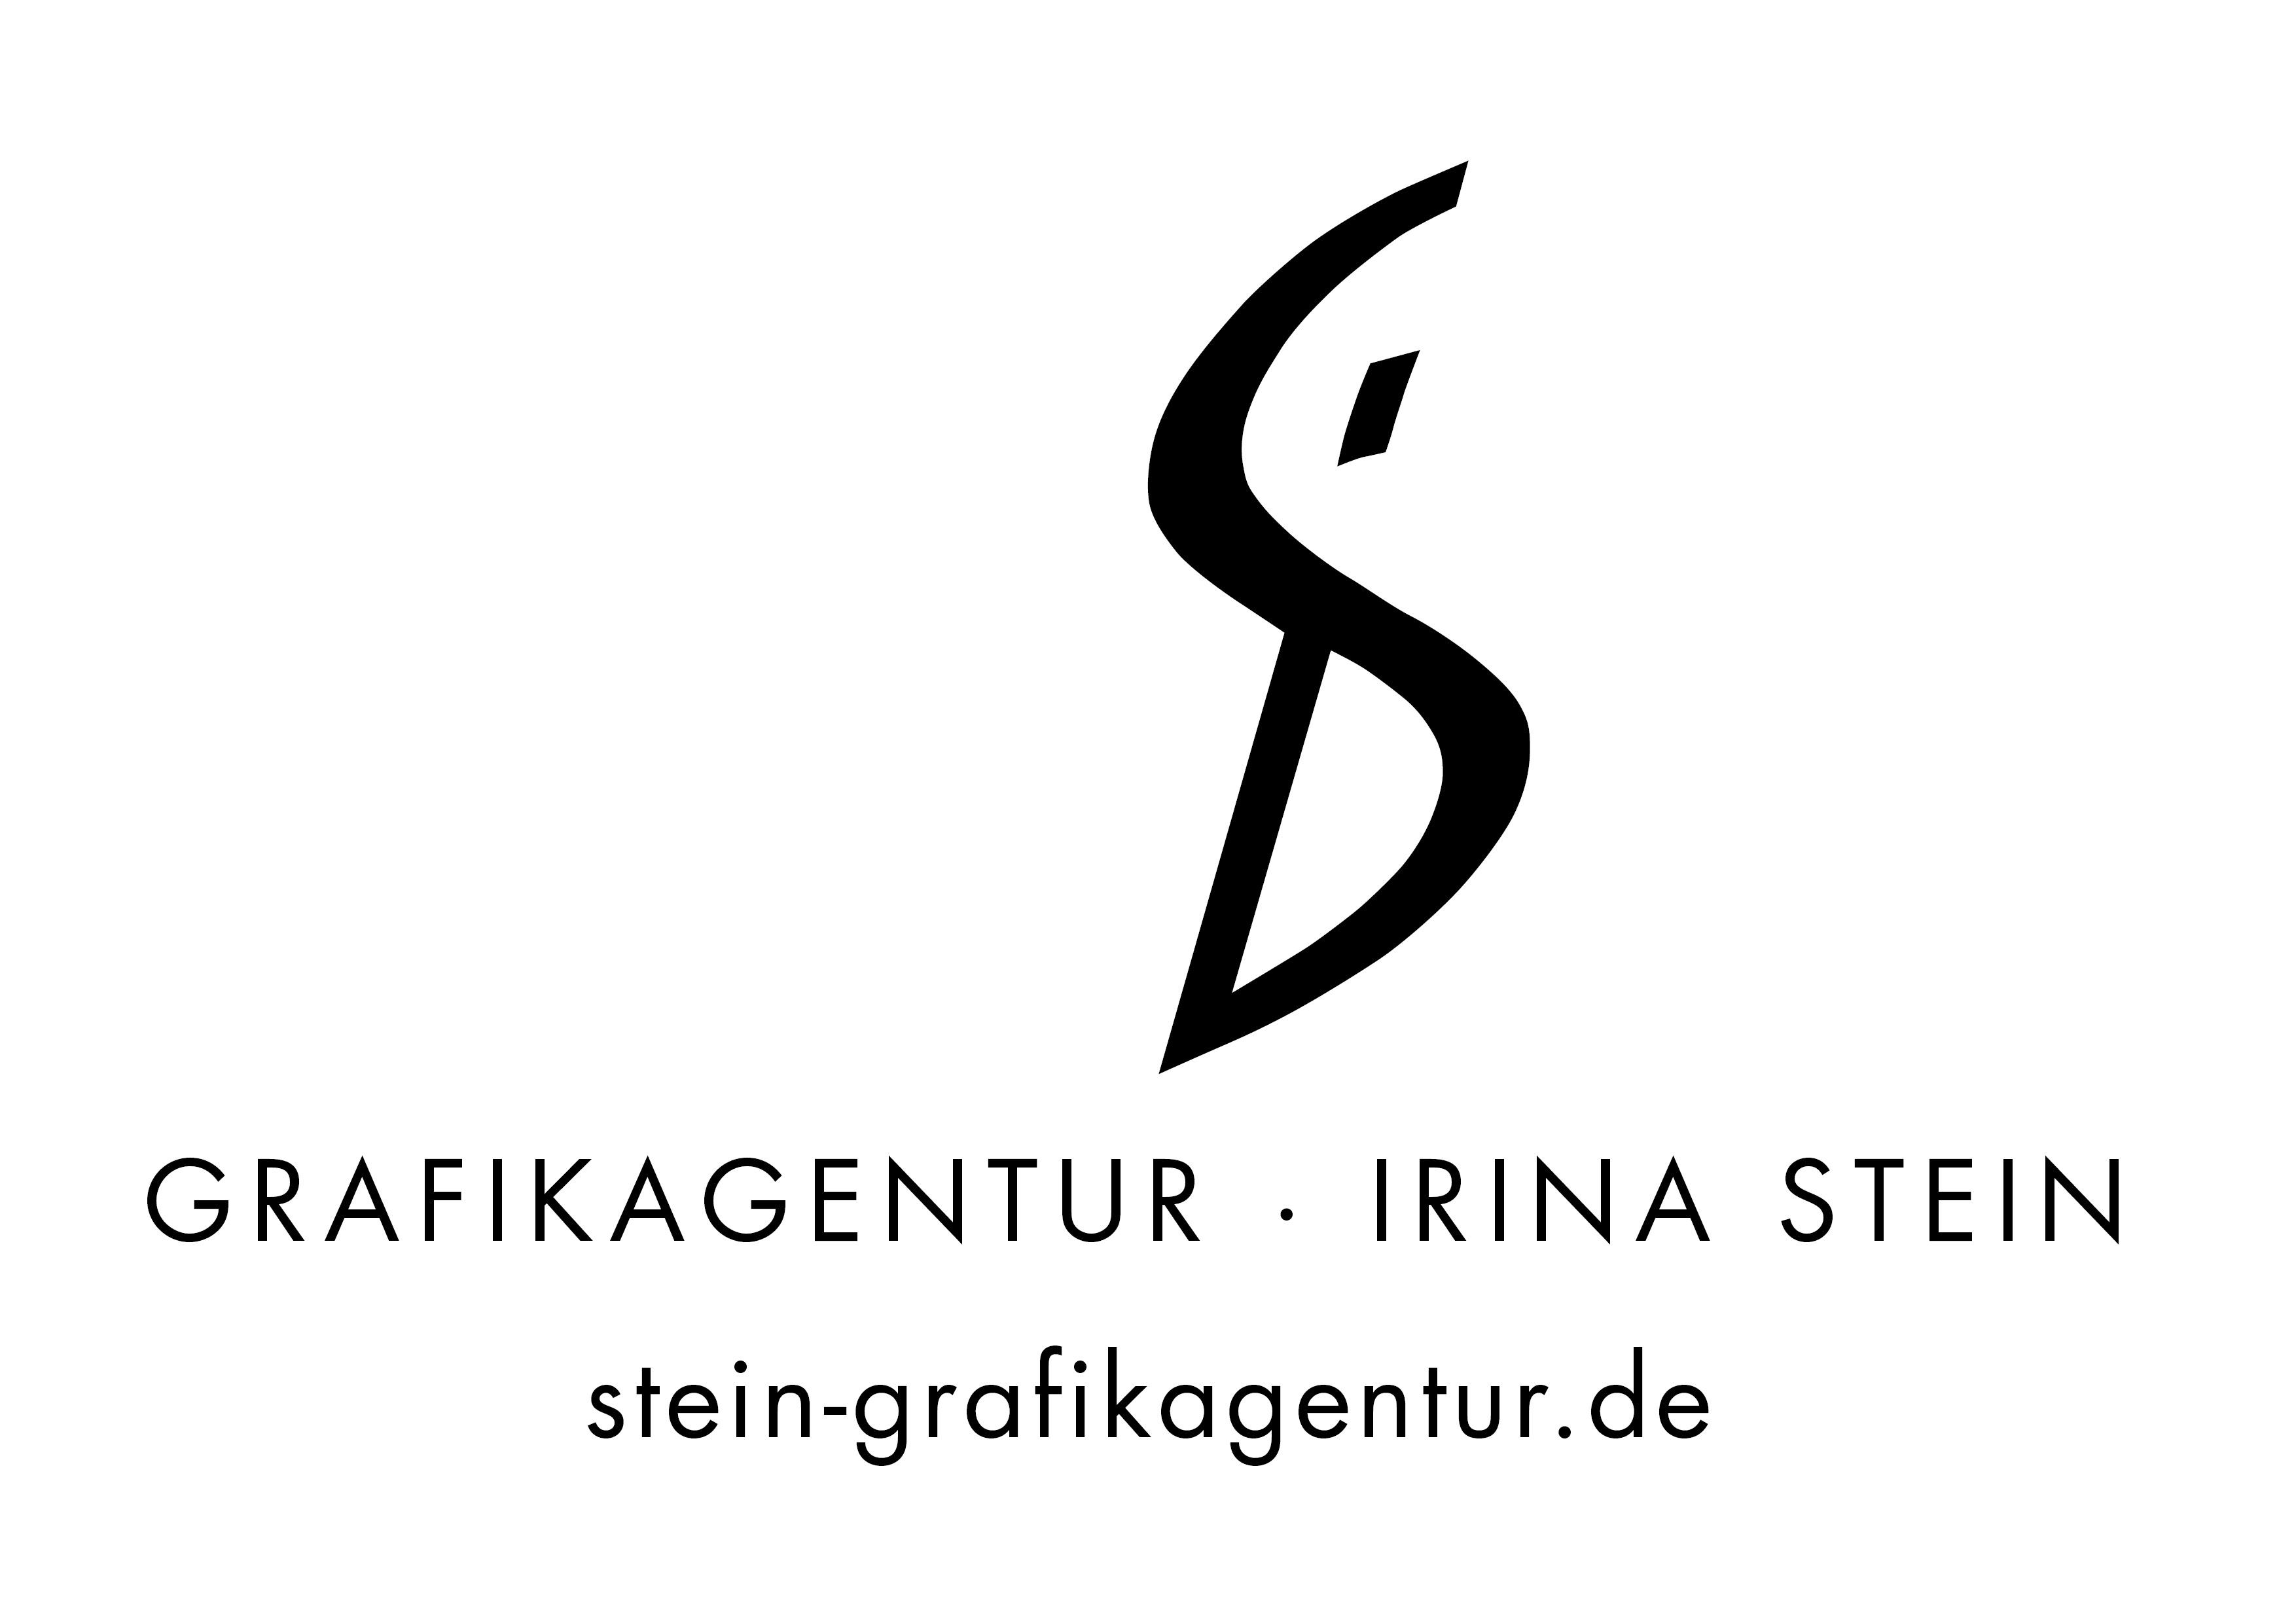 Logo-Grafikagentur-Stein